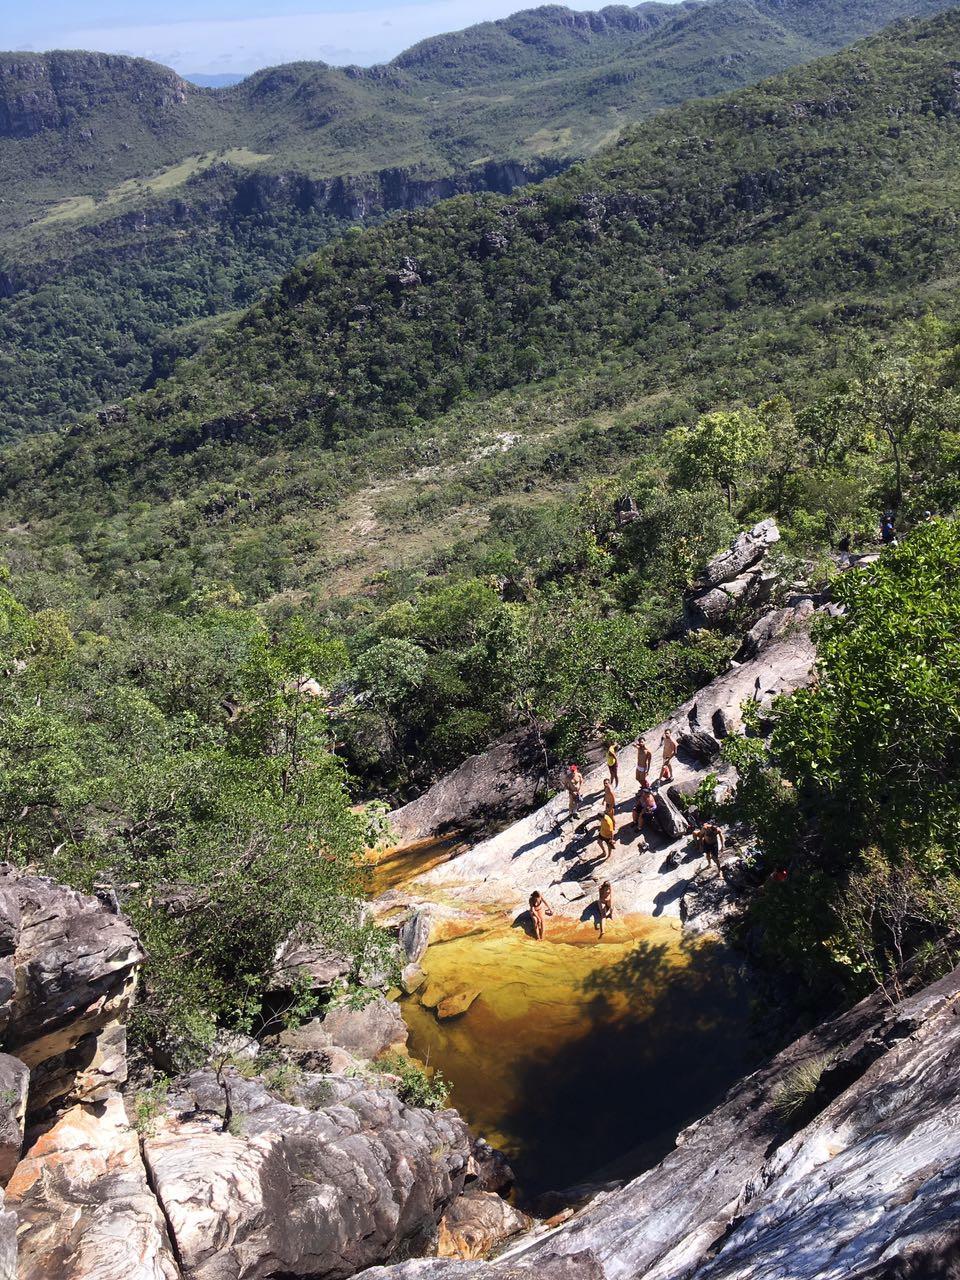 viaje com pouco - cachoeira do abismo